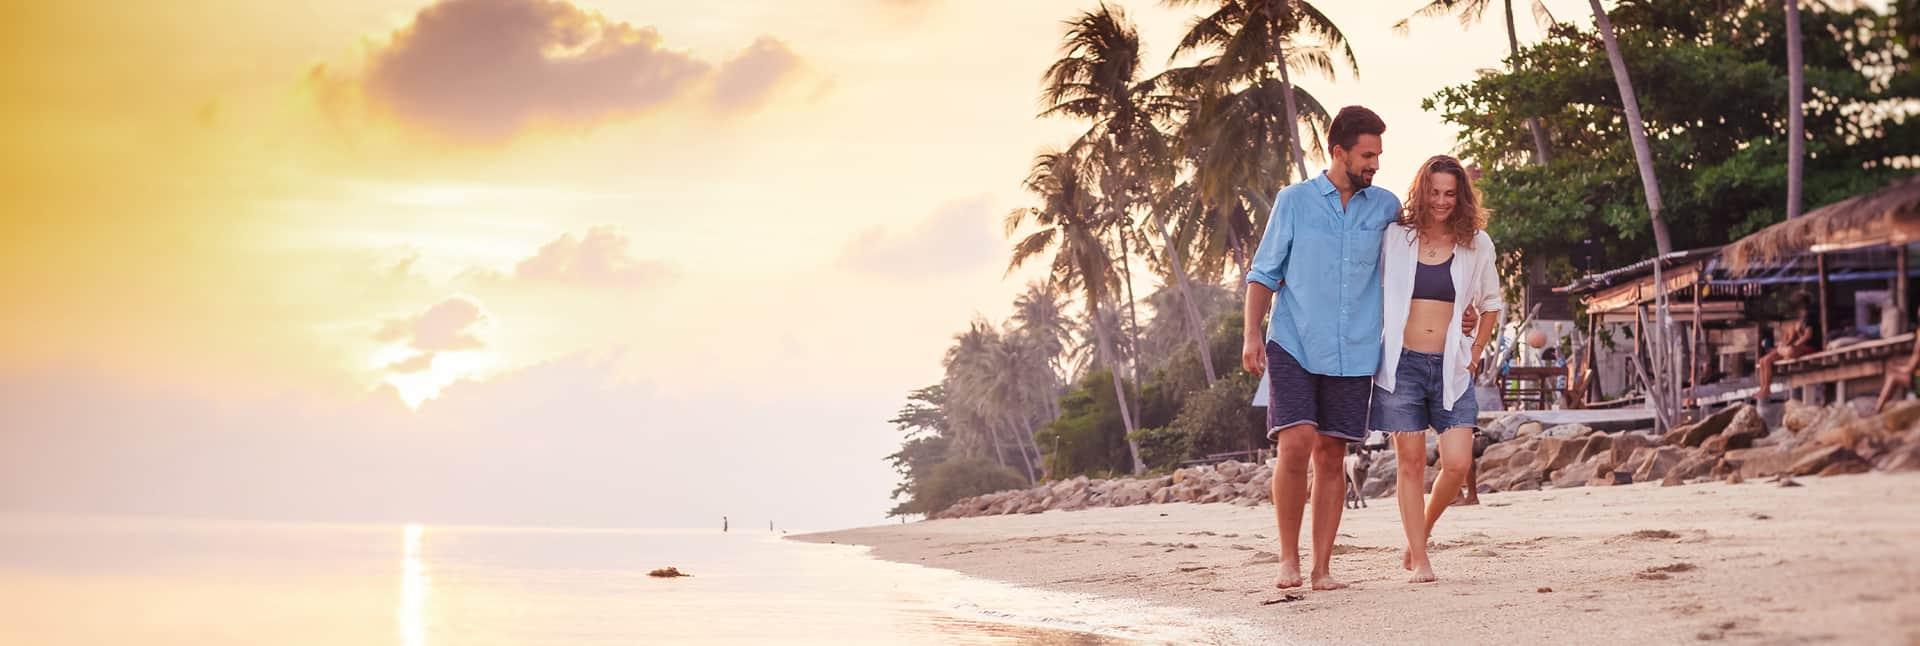 Starco insurance travel insurance header